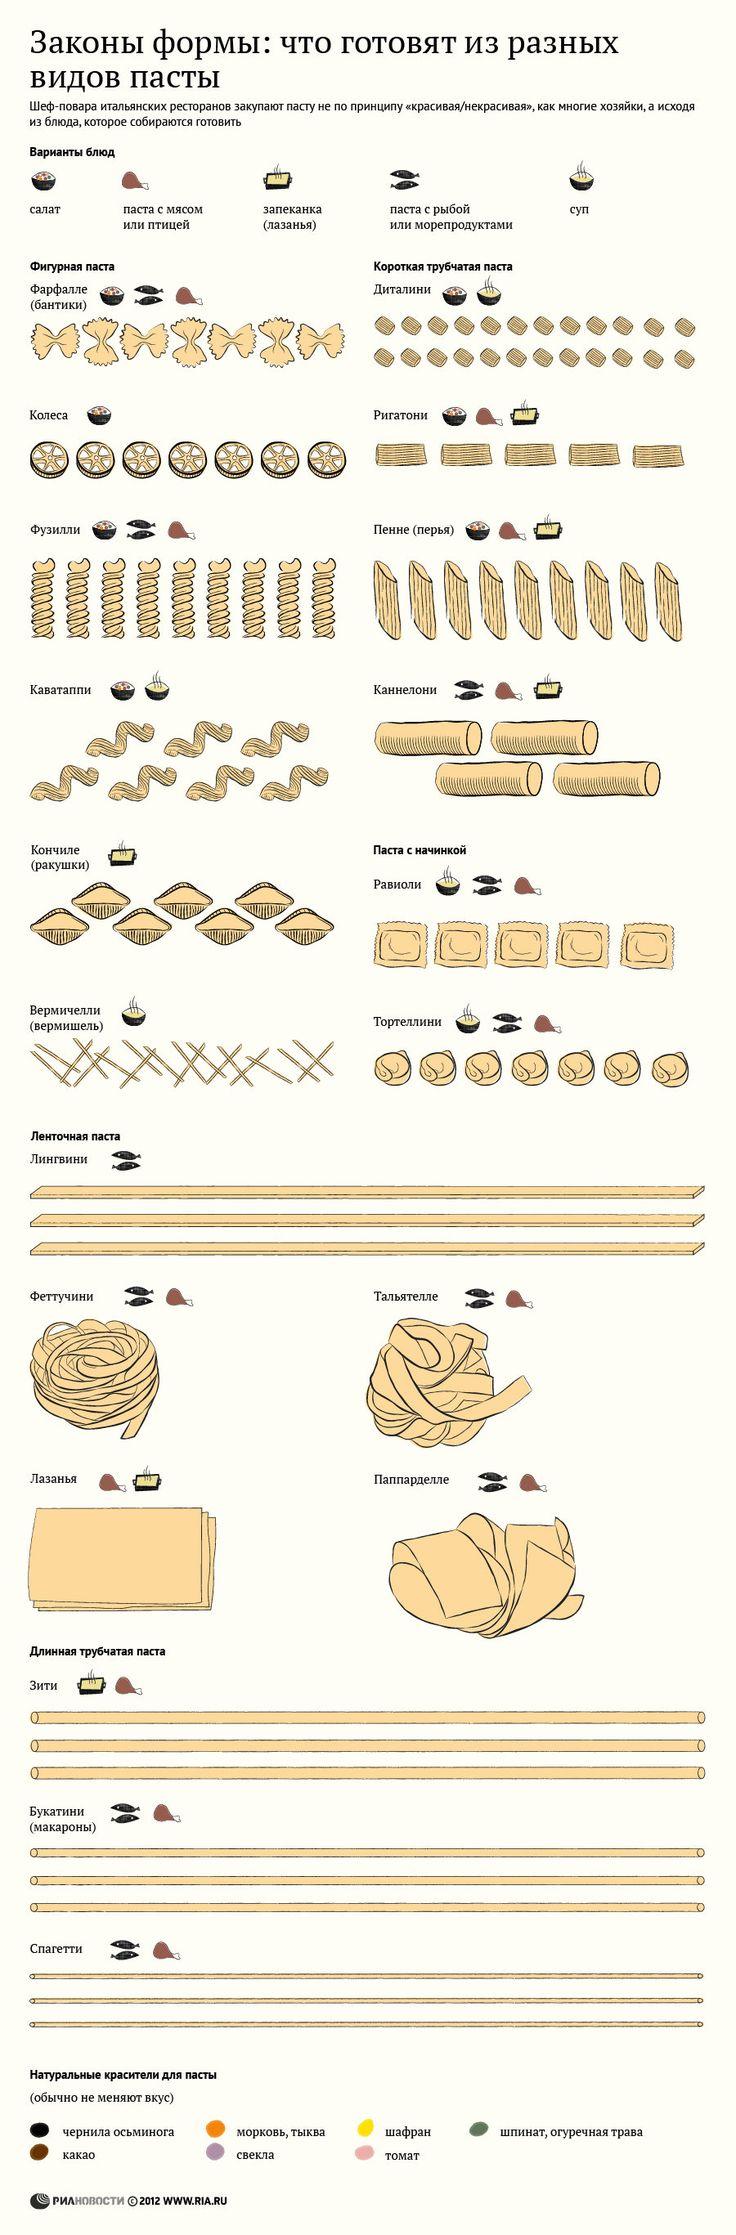 Что готовят из разных видов пасты: info_grafika